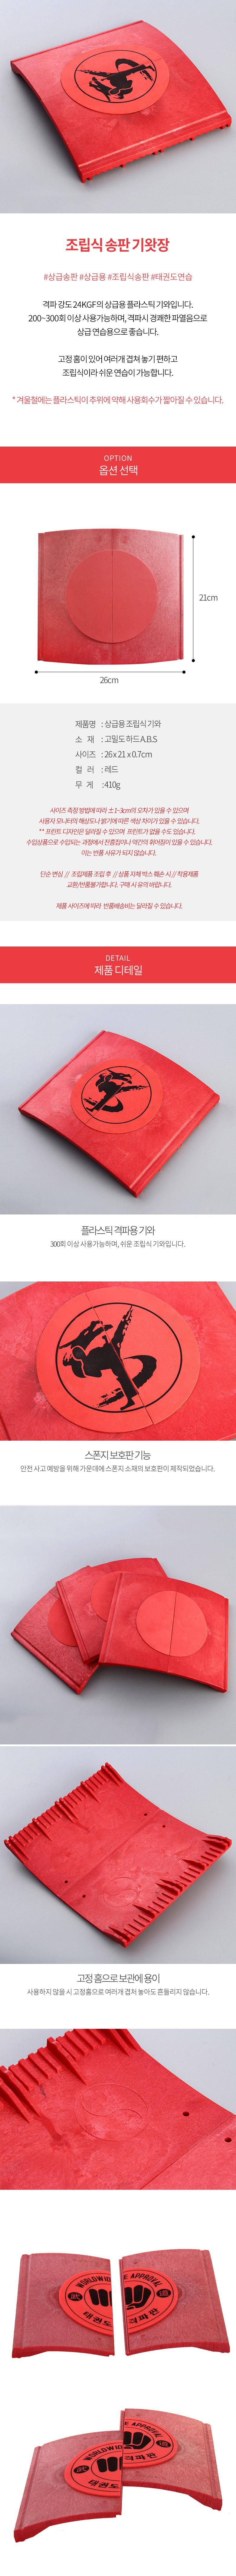 조립식 송판 기왓장 - 홀트레이드, 16,900원, 스포츠용품, 보호장구